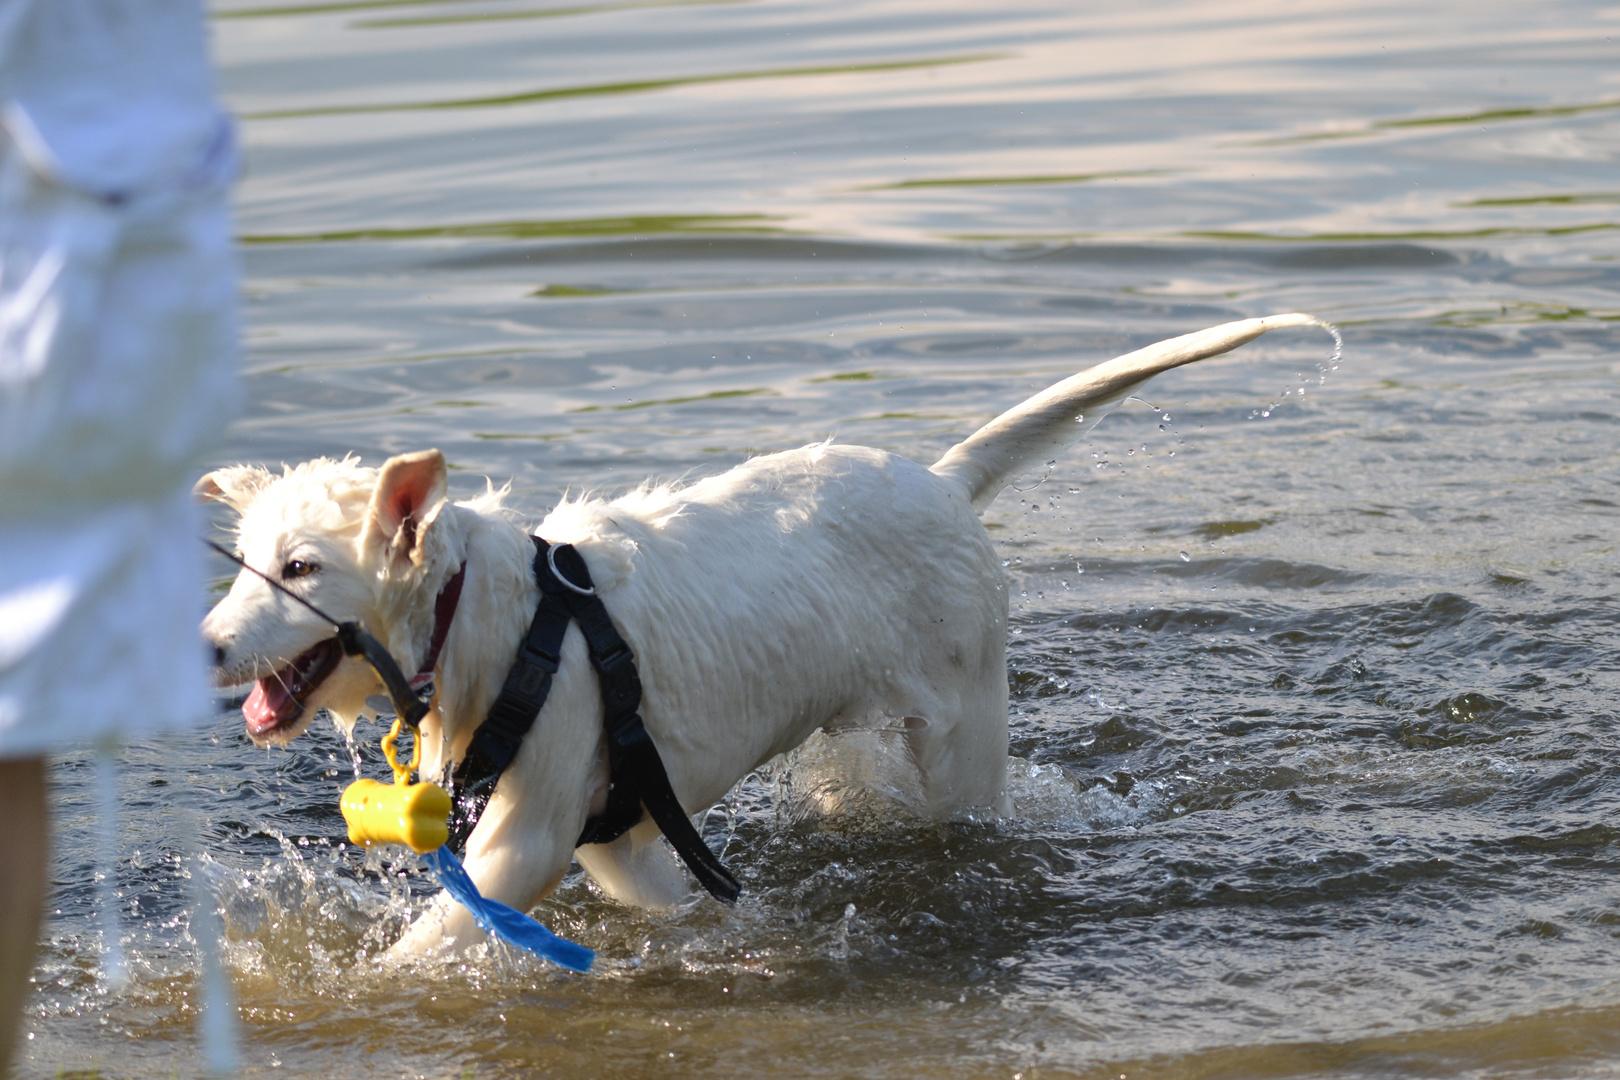 Hund kommt nach einem kühlen Bad aus dem Wasser